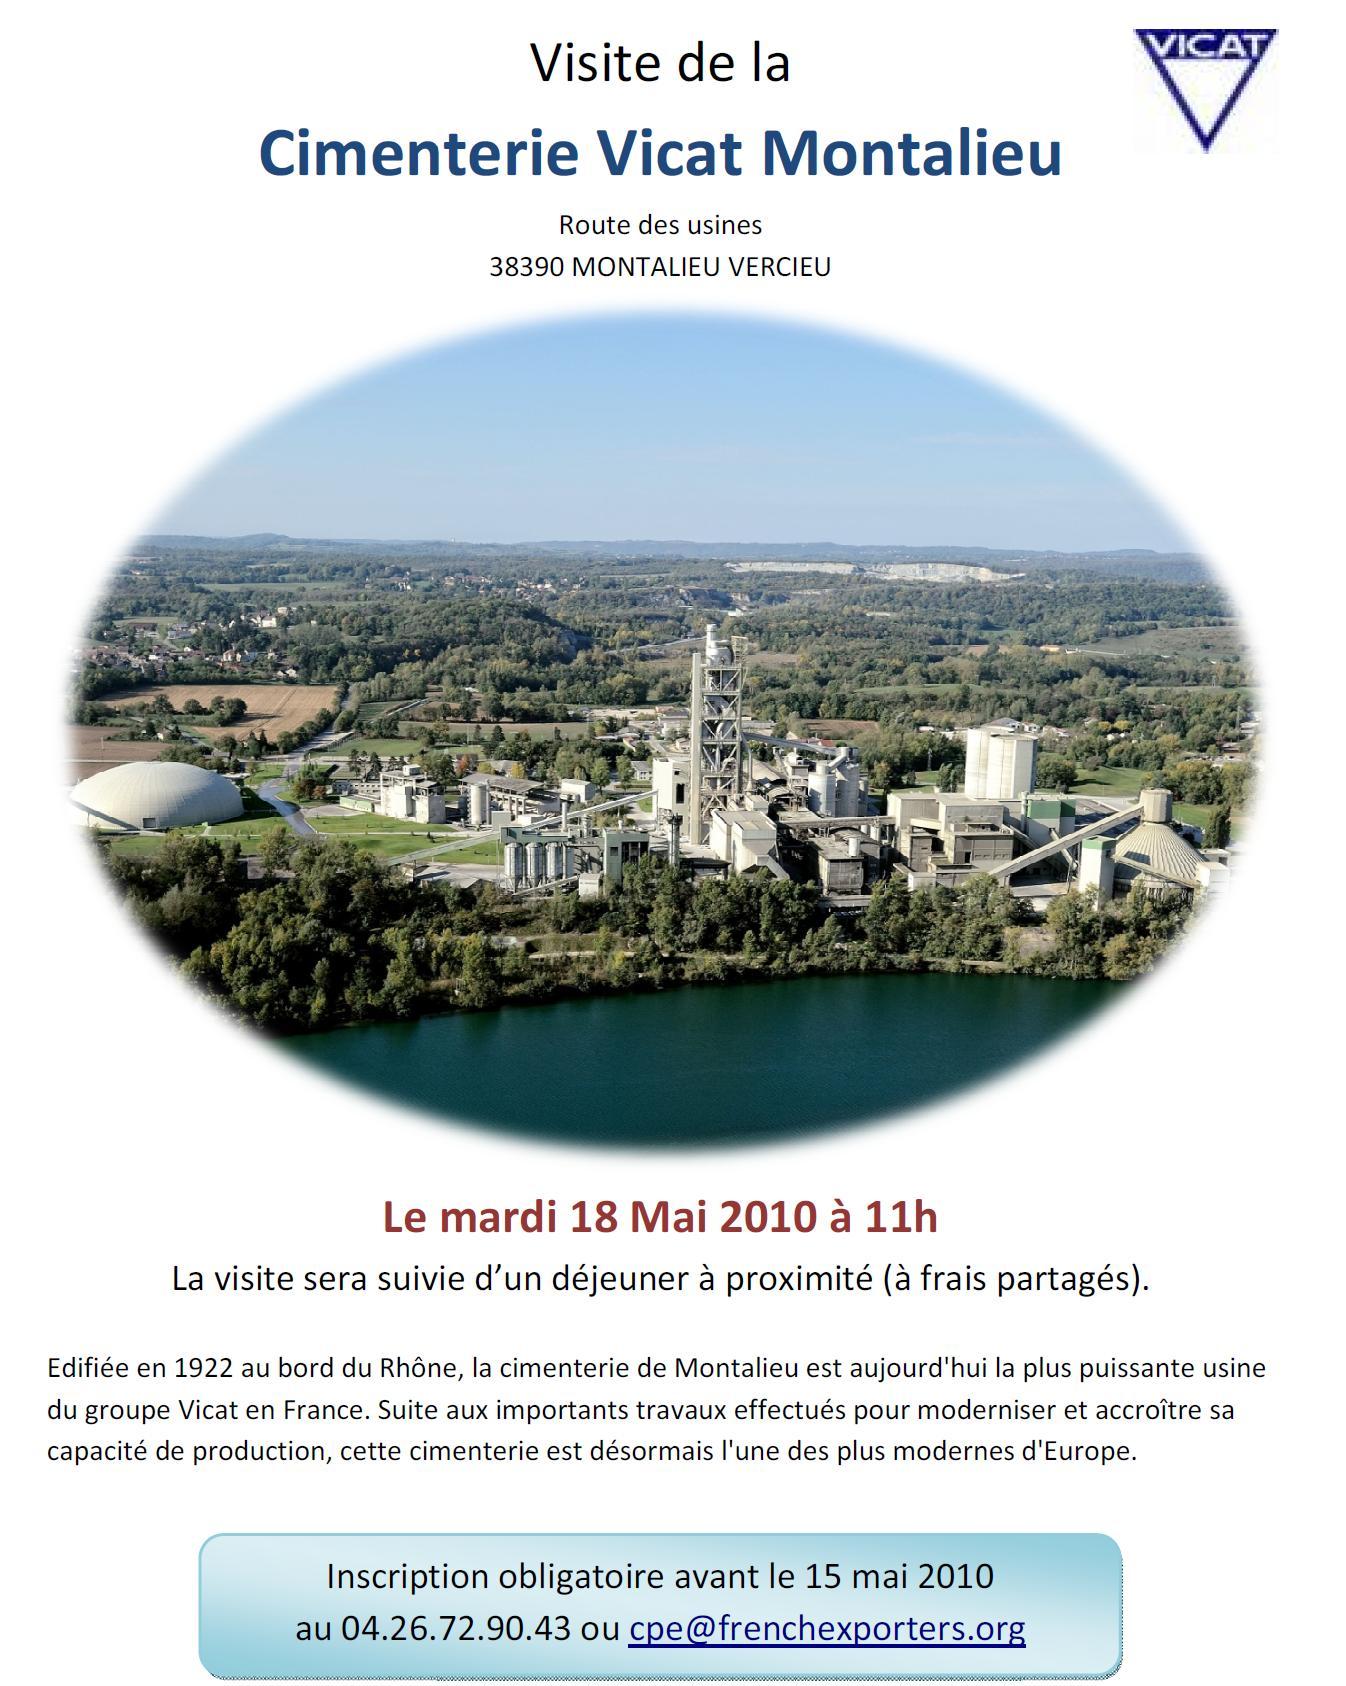 http://sd-1.archive-host.com/membres/up/74246655422882315/CPE_2010/visite_montalieu.JPG